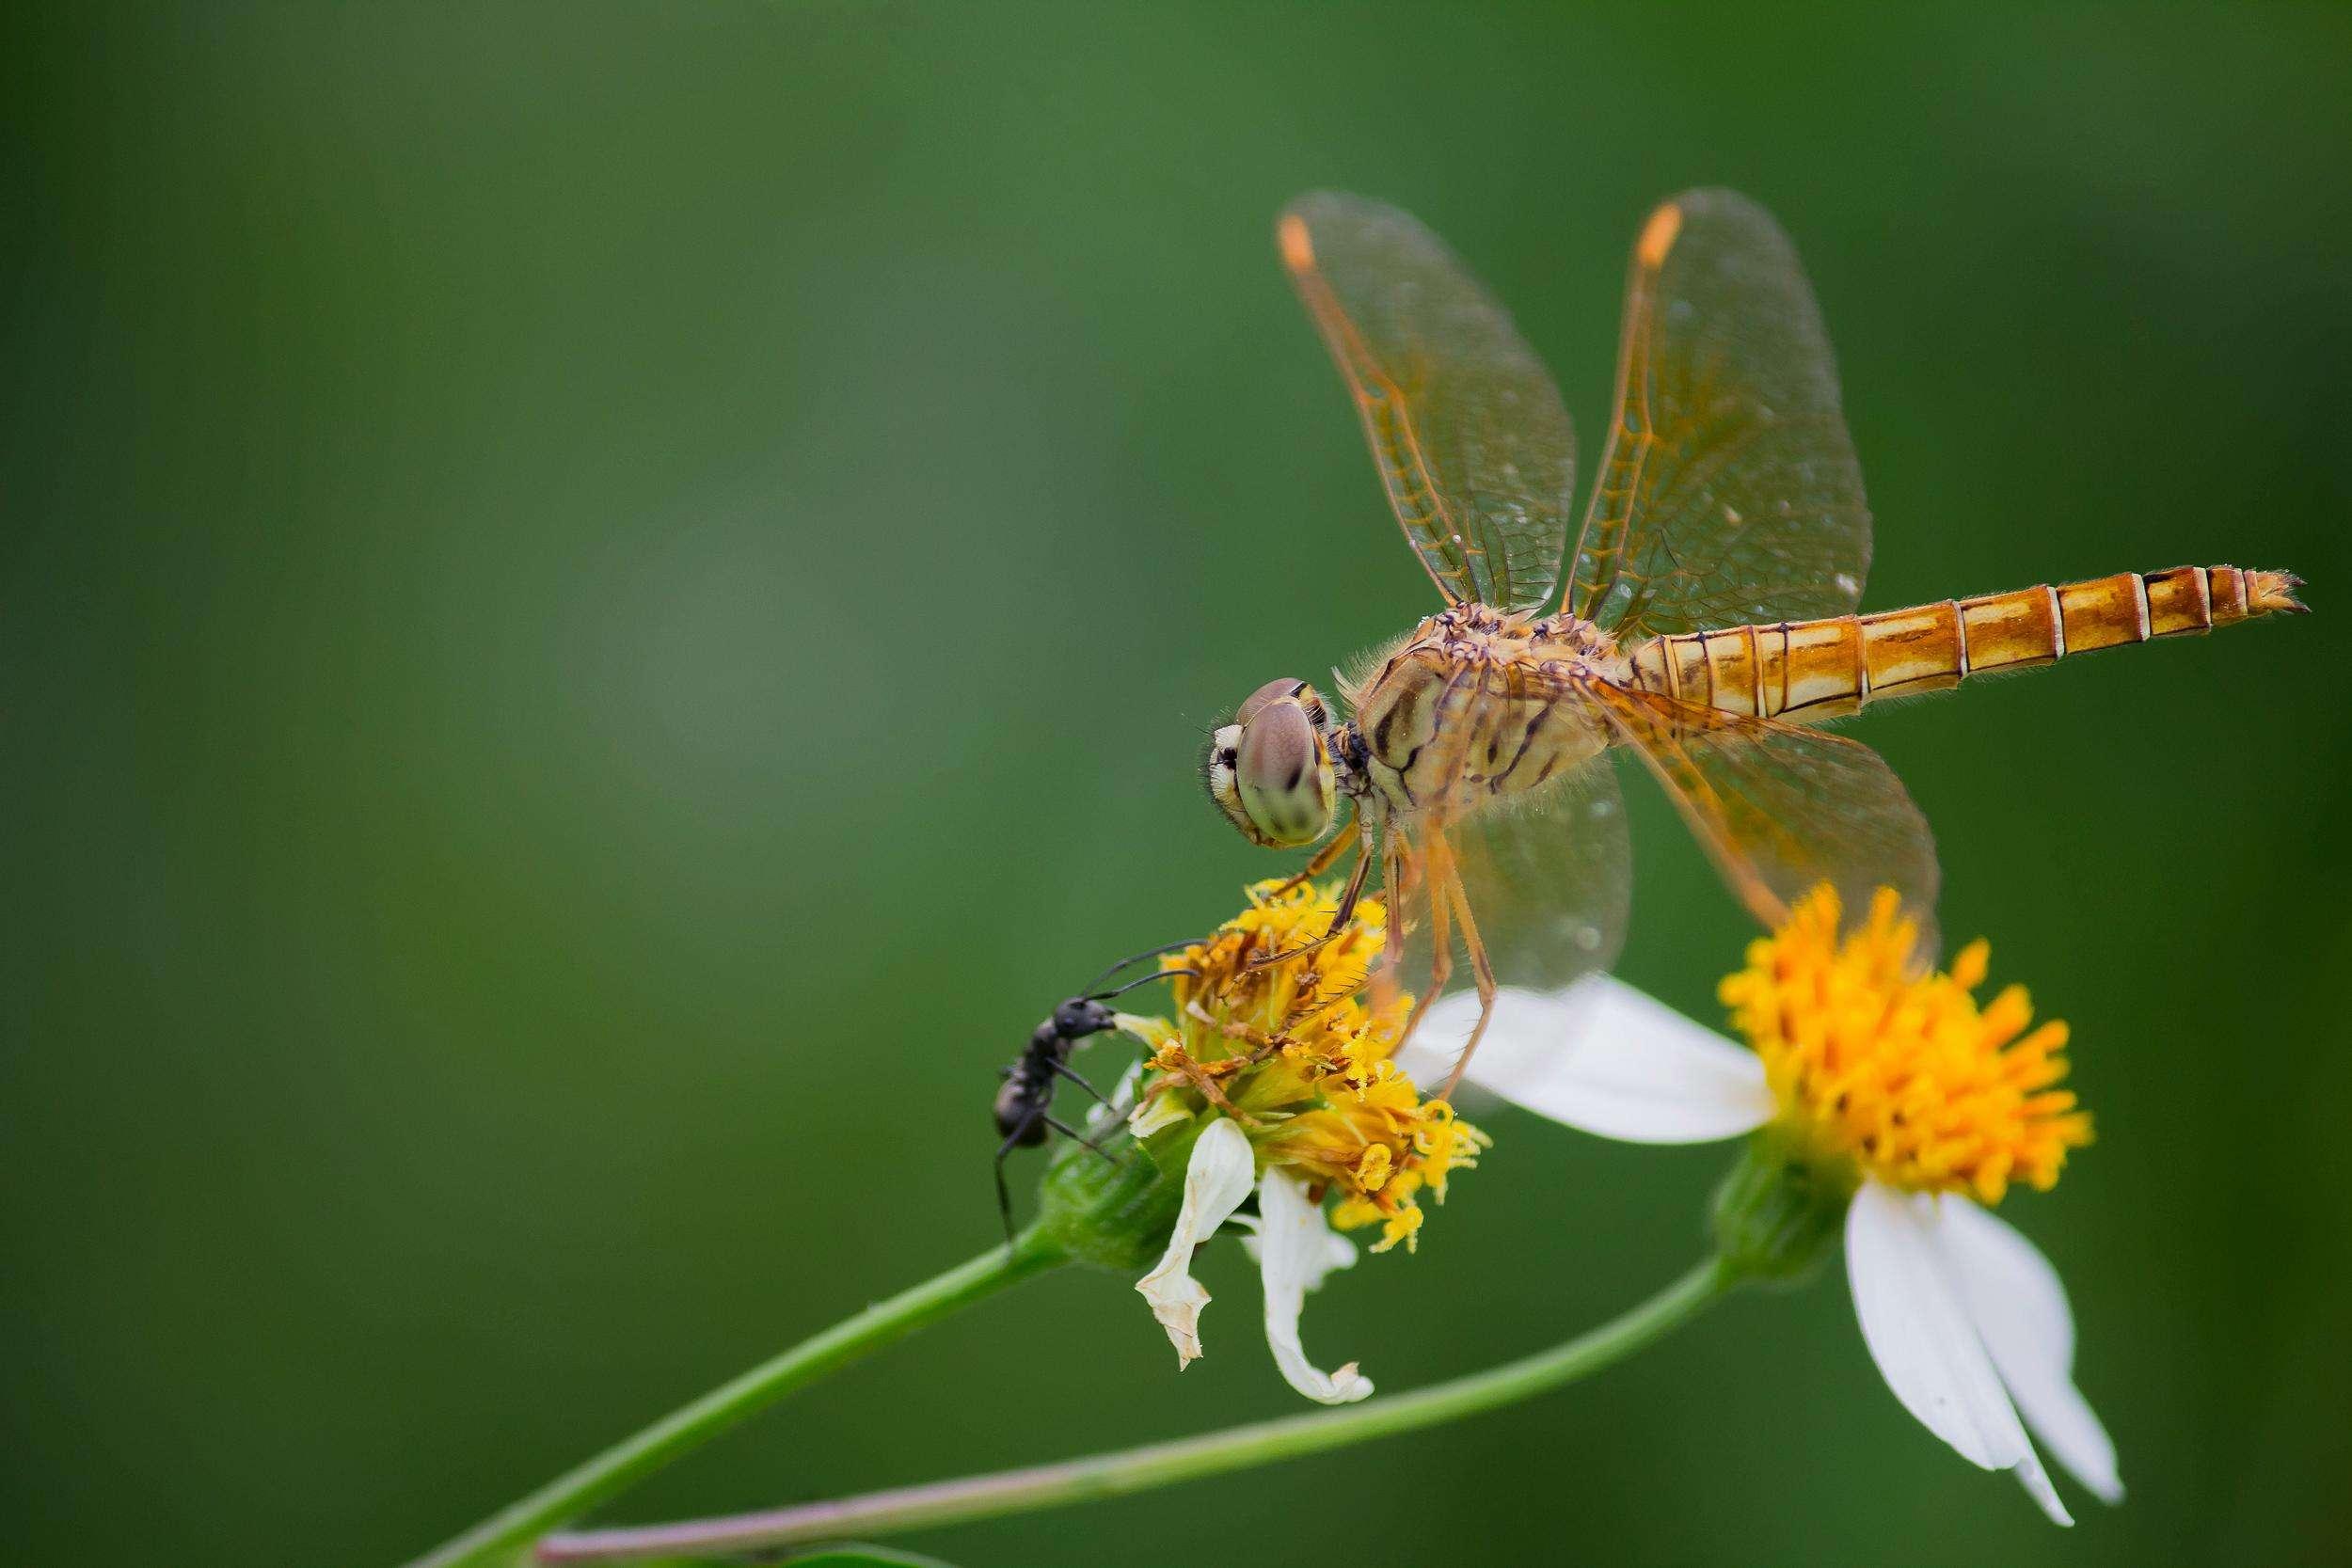 蜻蜓吃什么